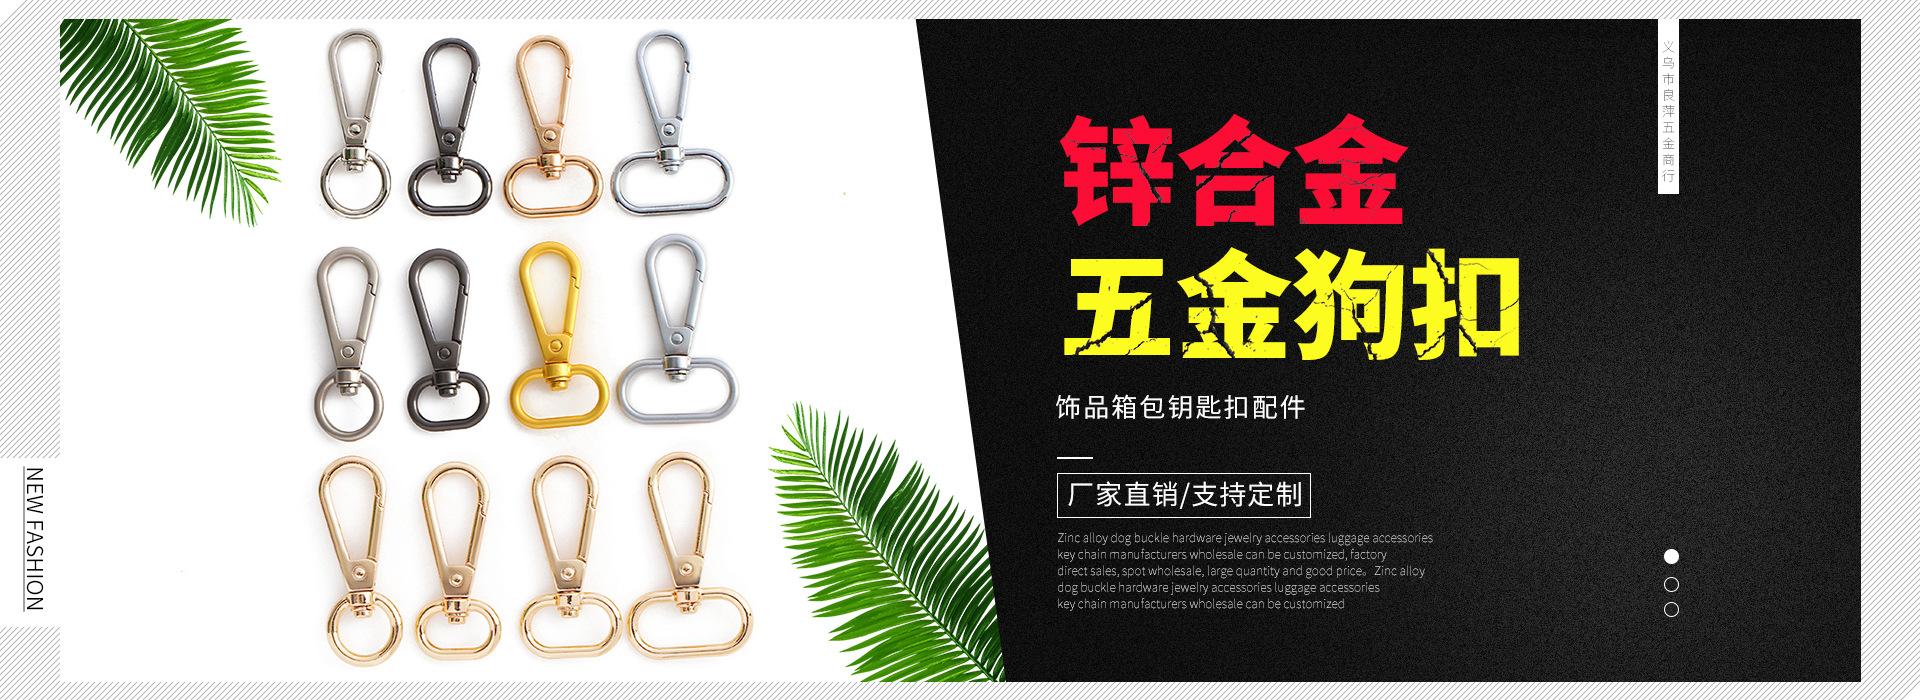 东莞市天峤织带有限公司